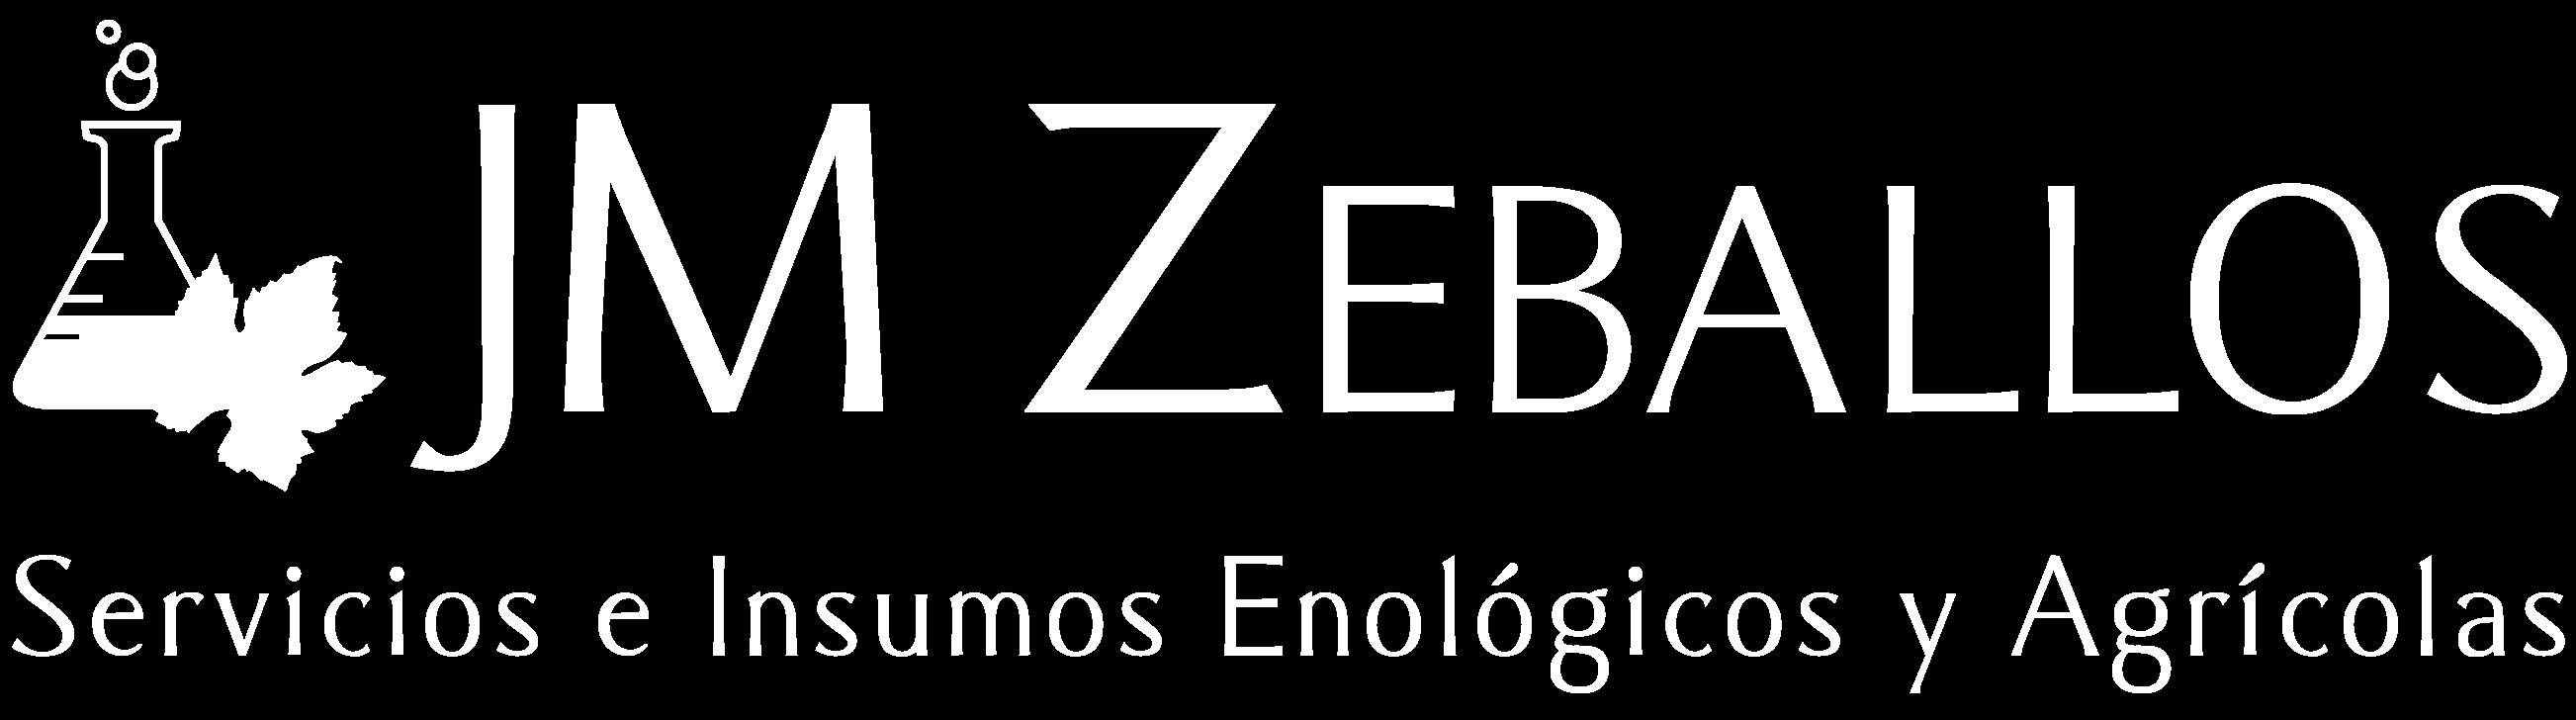 J. M. ZEBALLOS - Mendoza Argentina